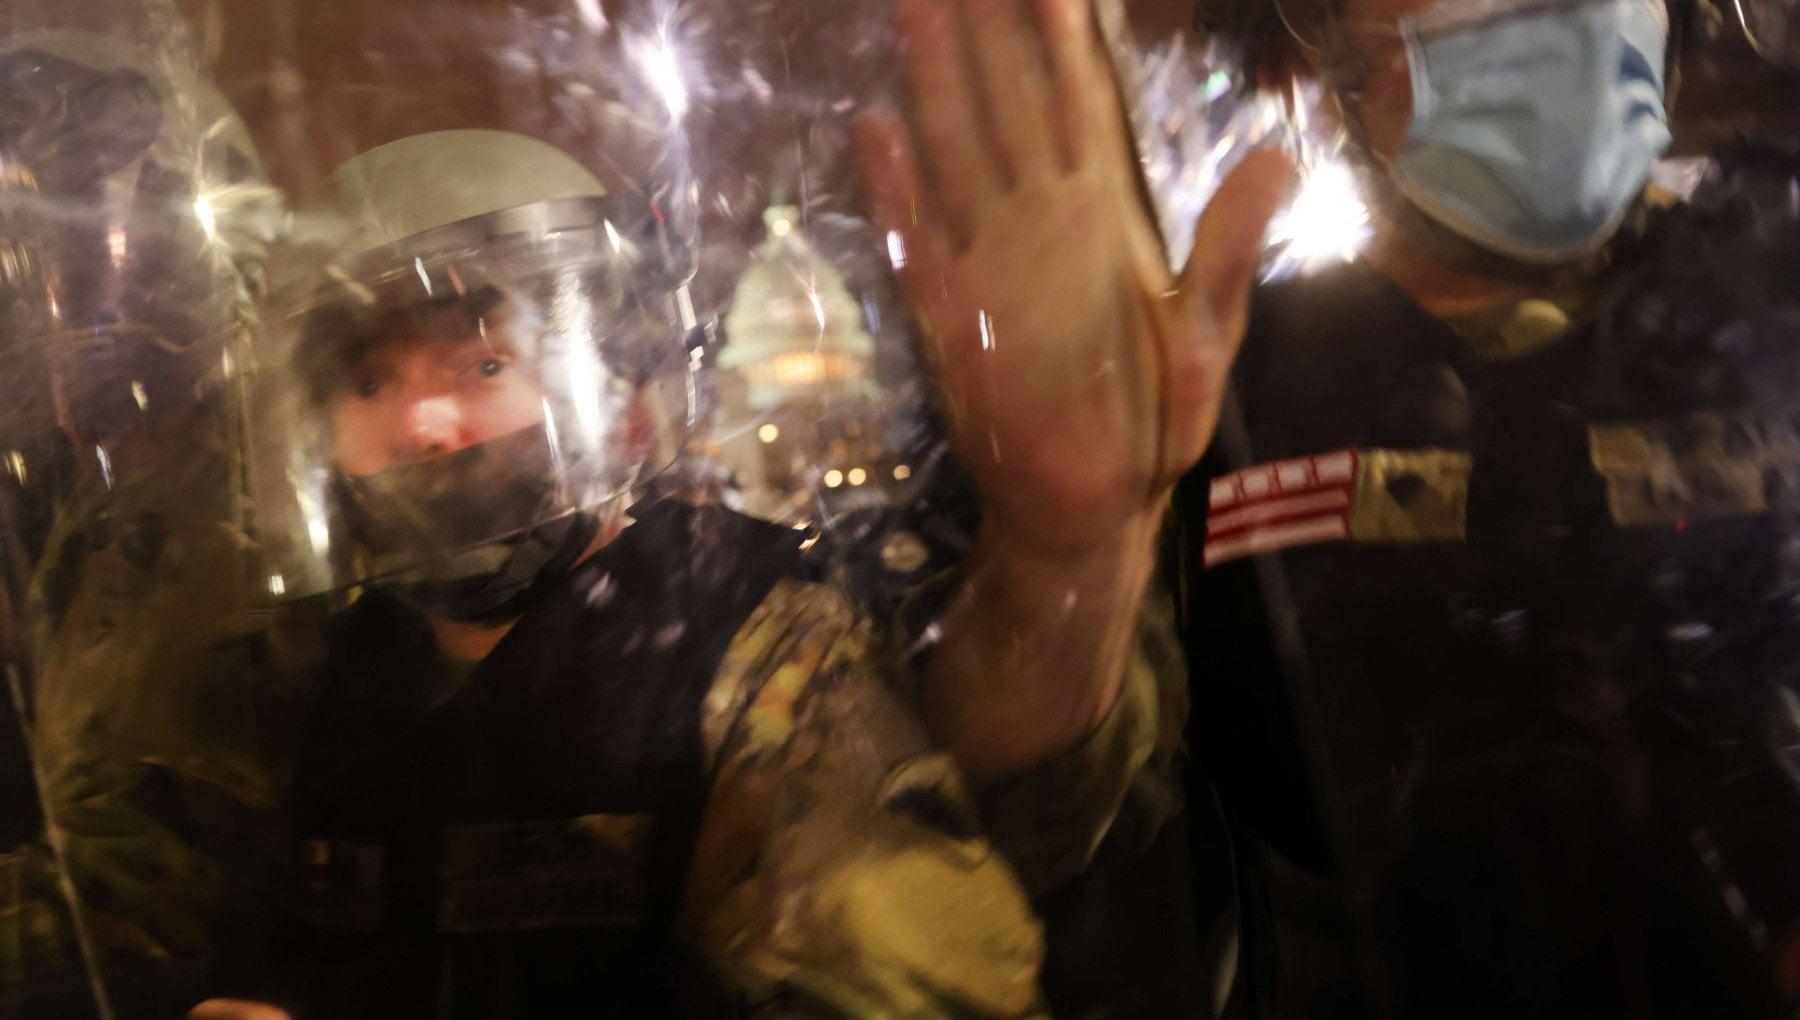 111813735 1997ef9c b625 4eb5 ae98 eb0e82368ffb - Usa, la polizia è tre volte più violenta con i manifestanti di sinistra che con i pro-Trump